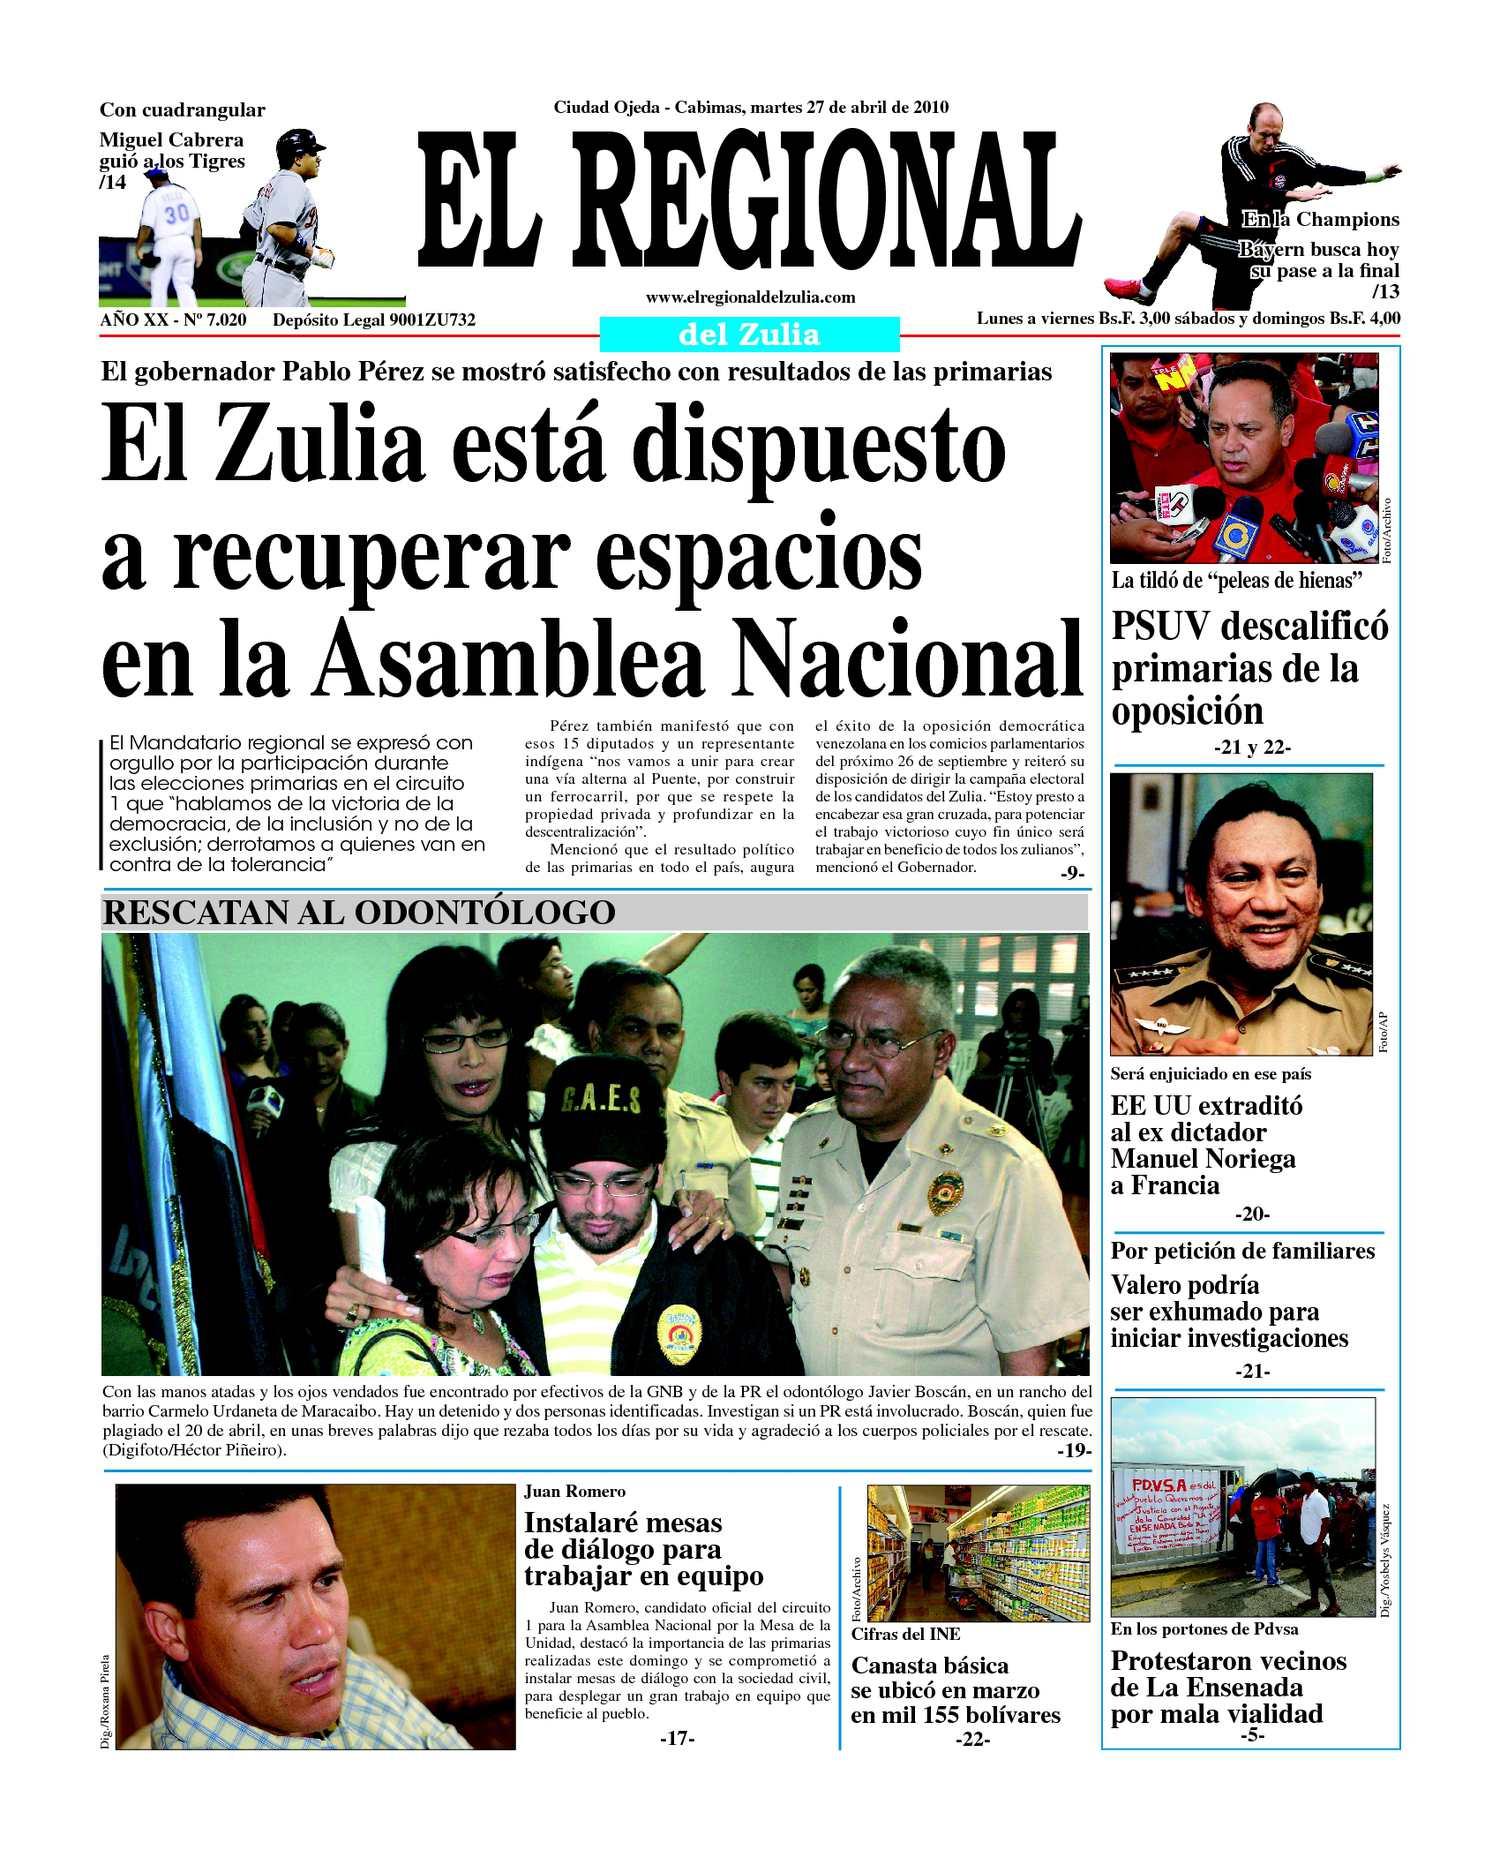 El Regional del Zulia 27-04-2010